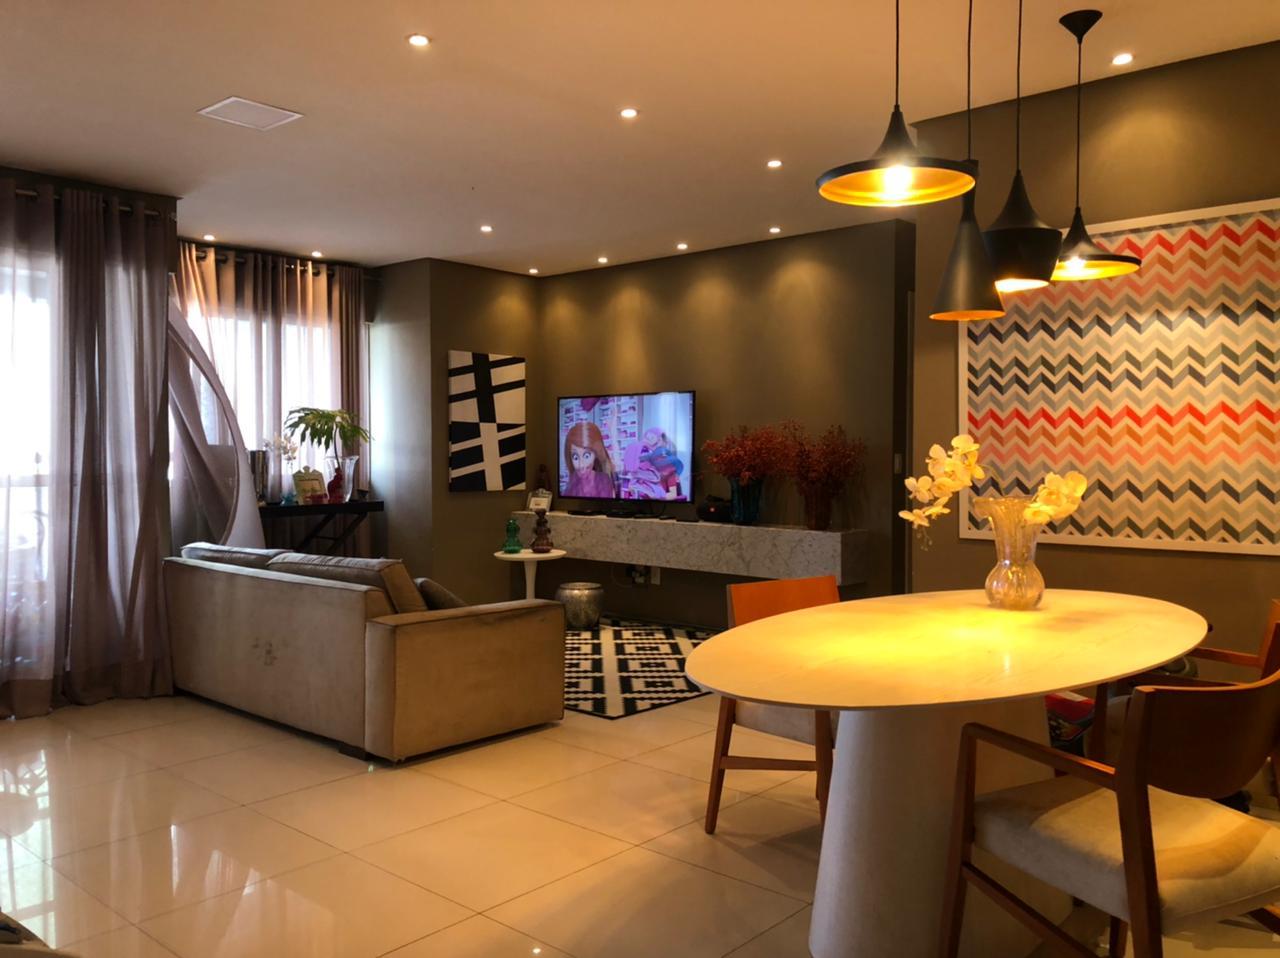 Savona Residence, apartamento para venda, 100 metros, móveis planejados no bairro horto florestal em Teresina-PI